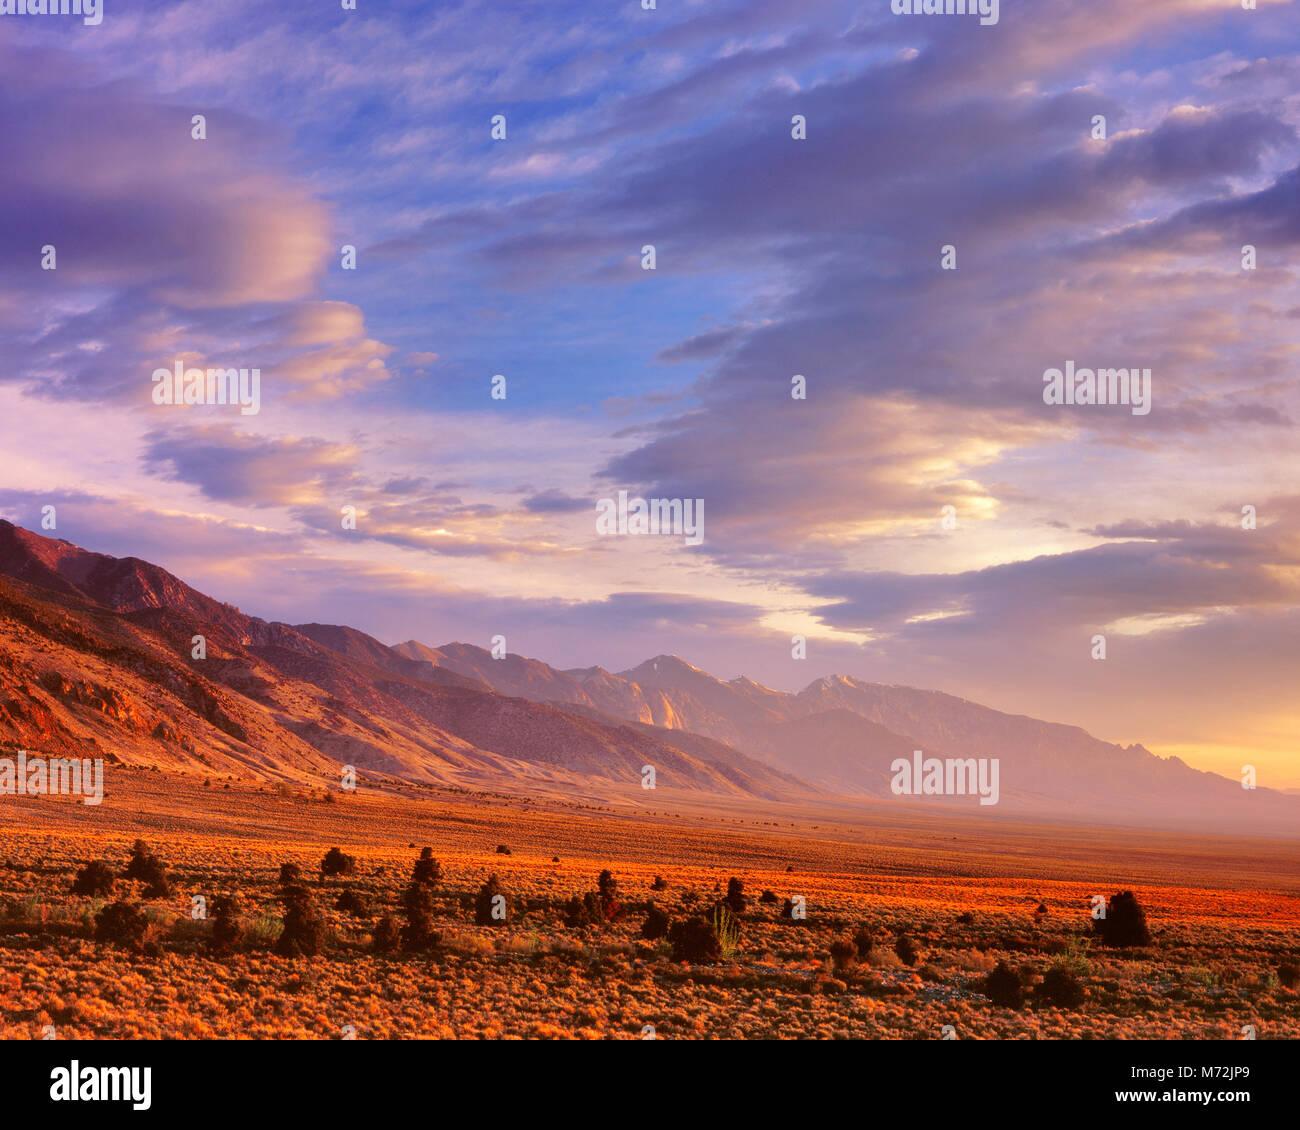 Sunrise, Toyiabe Range, Toyiabe National Forest, Nevada - Stock Image